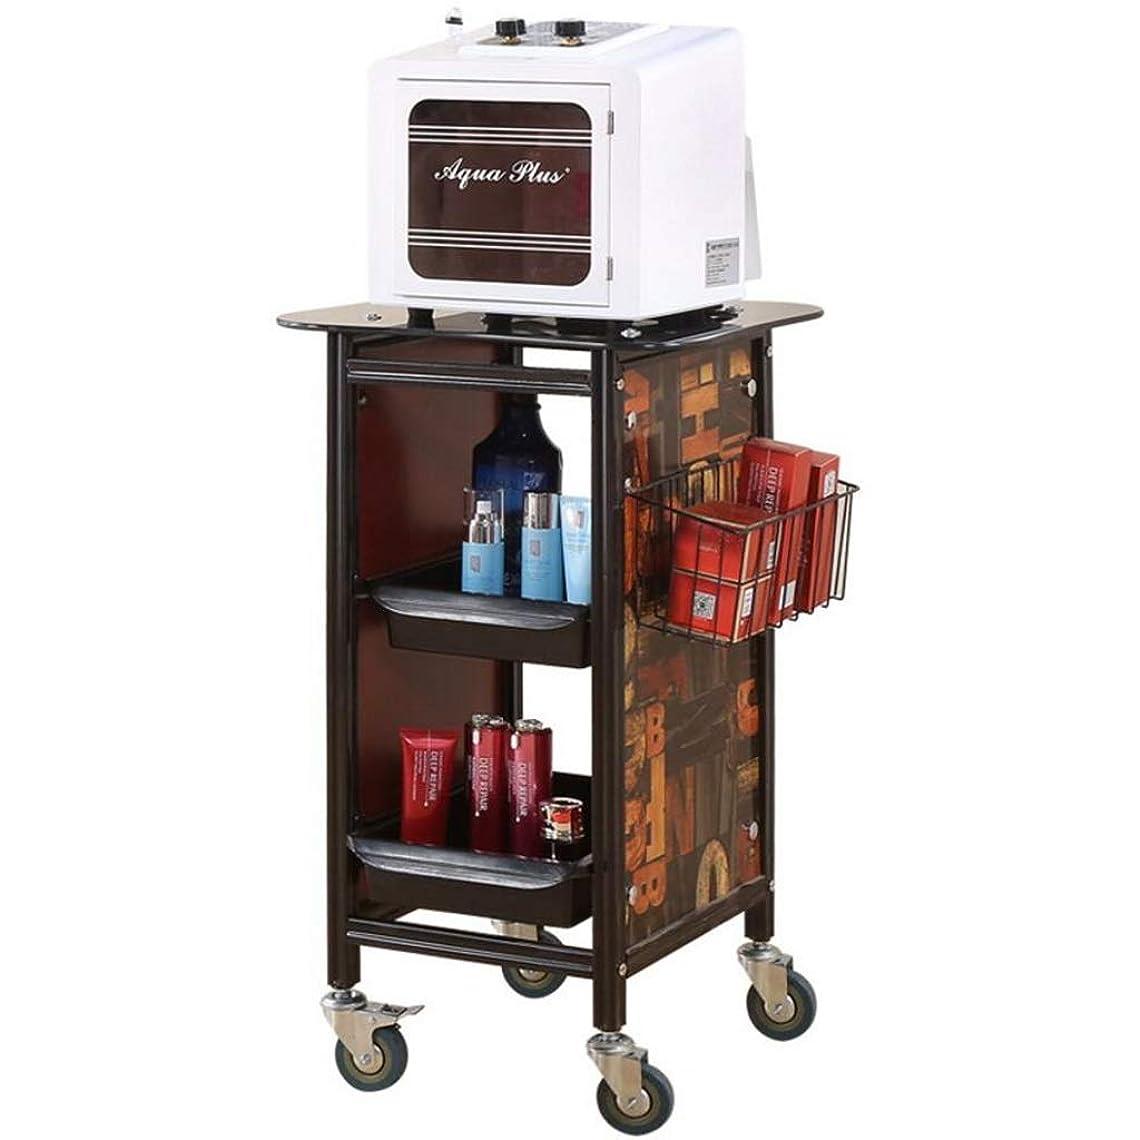 スナッチうん海外で美容院機器カート、特別なデスクトップウォーターライトニードルベース機器棚/肌管理小さなバブルトロリー